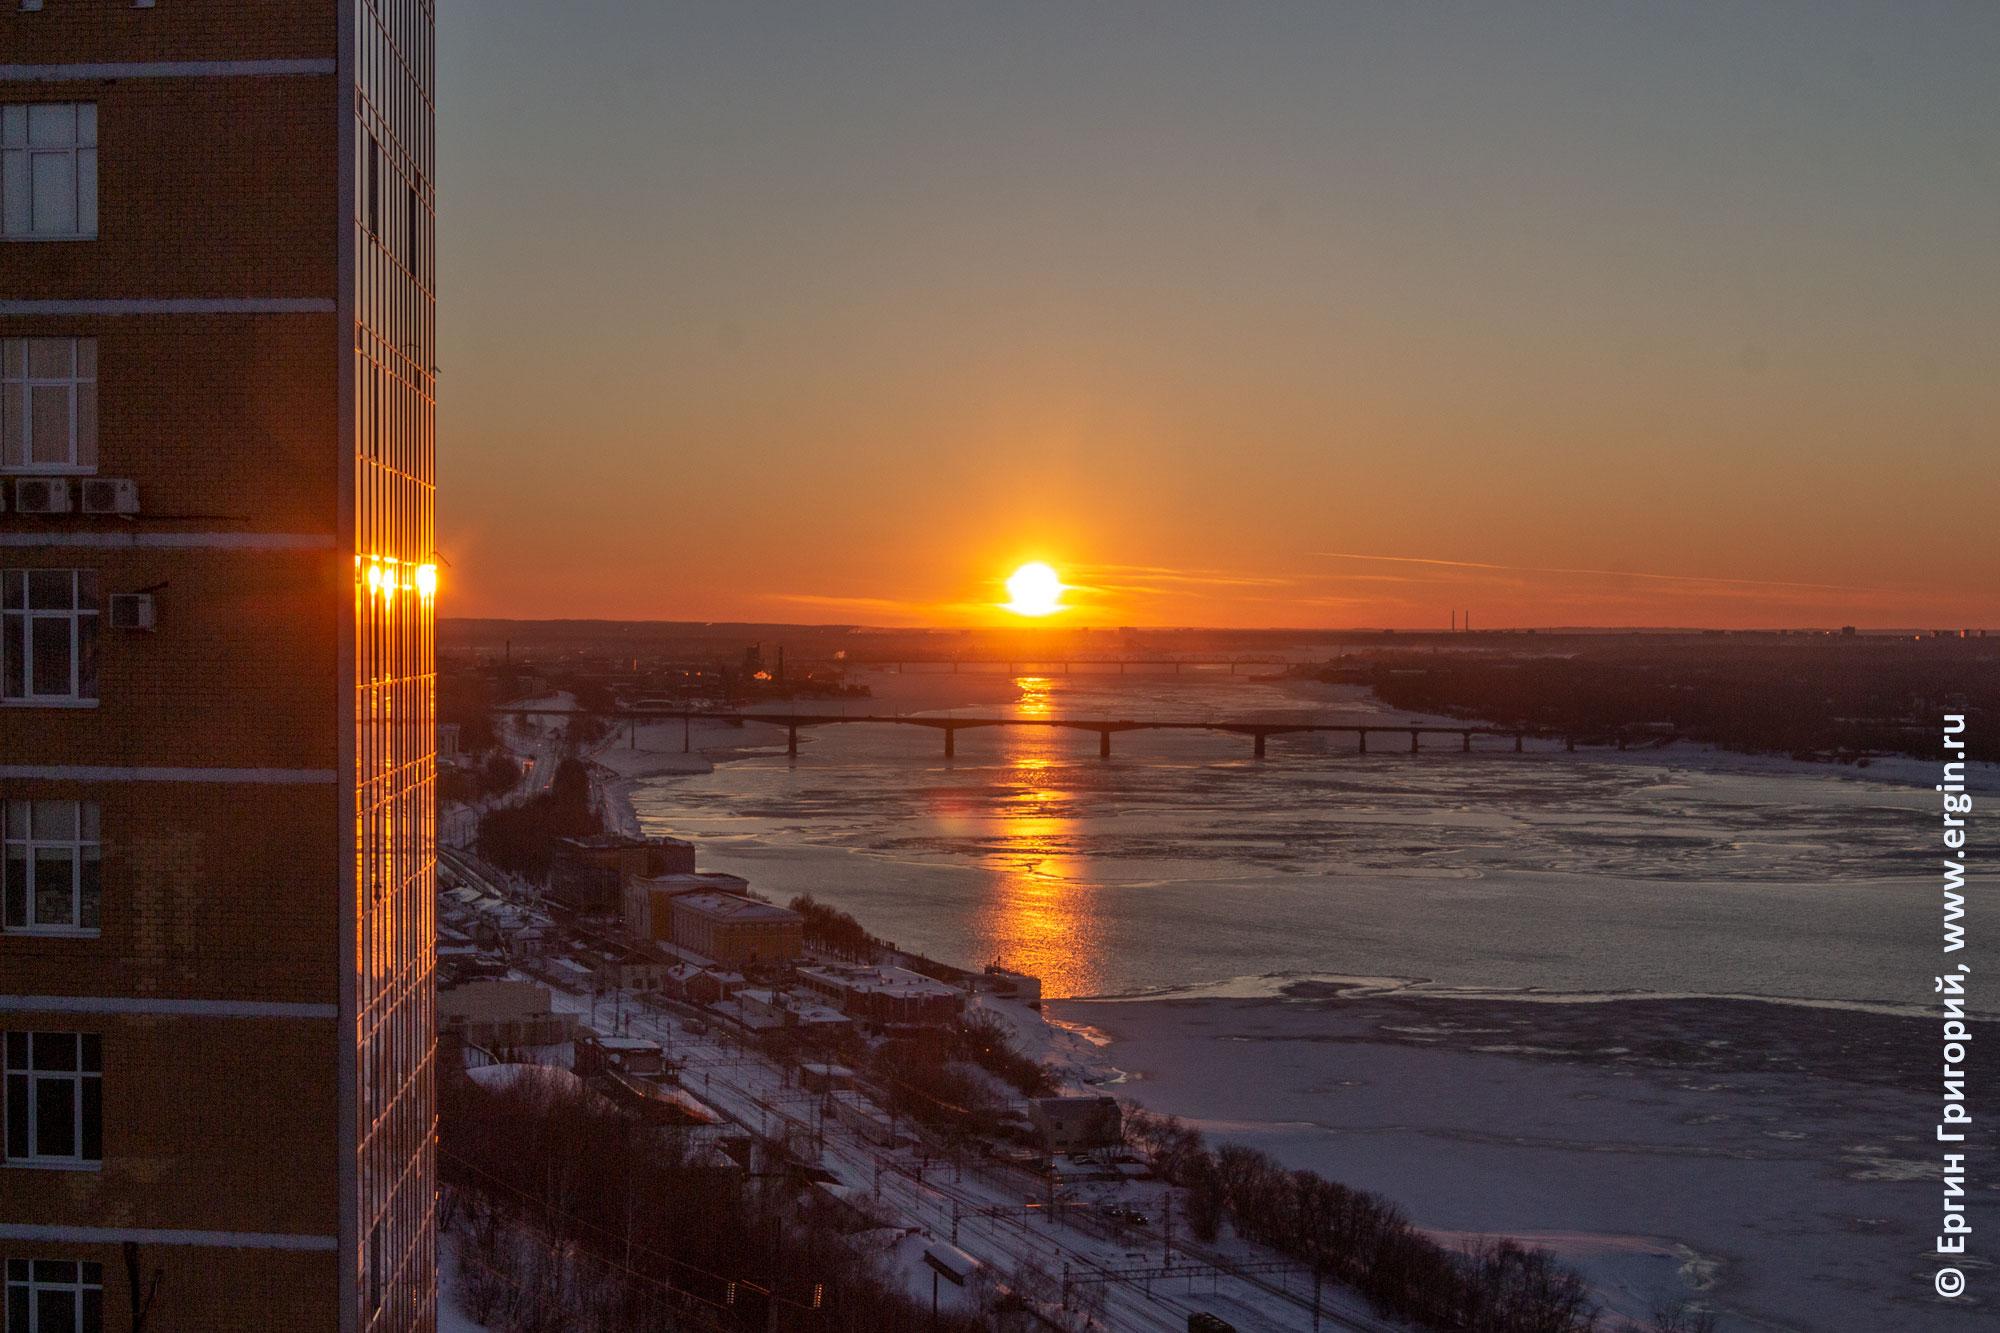 Закат над рекой Камой в Перми